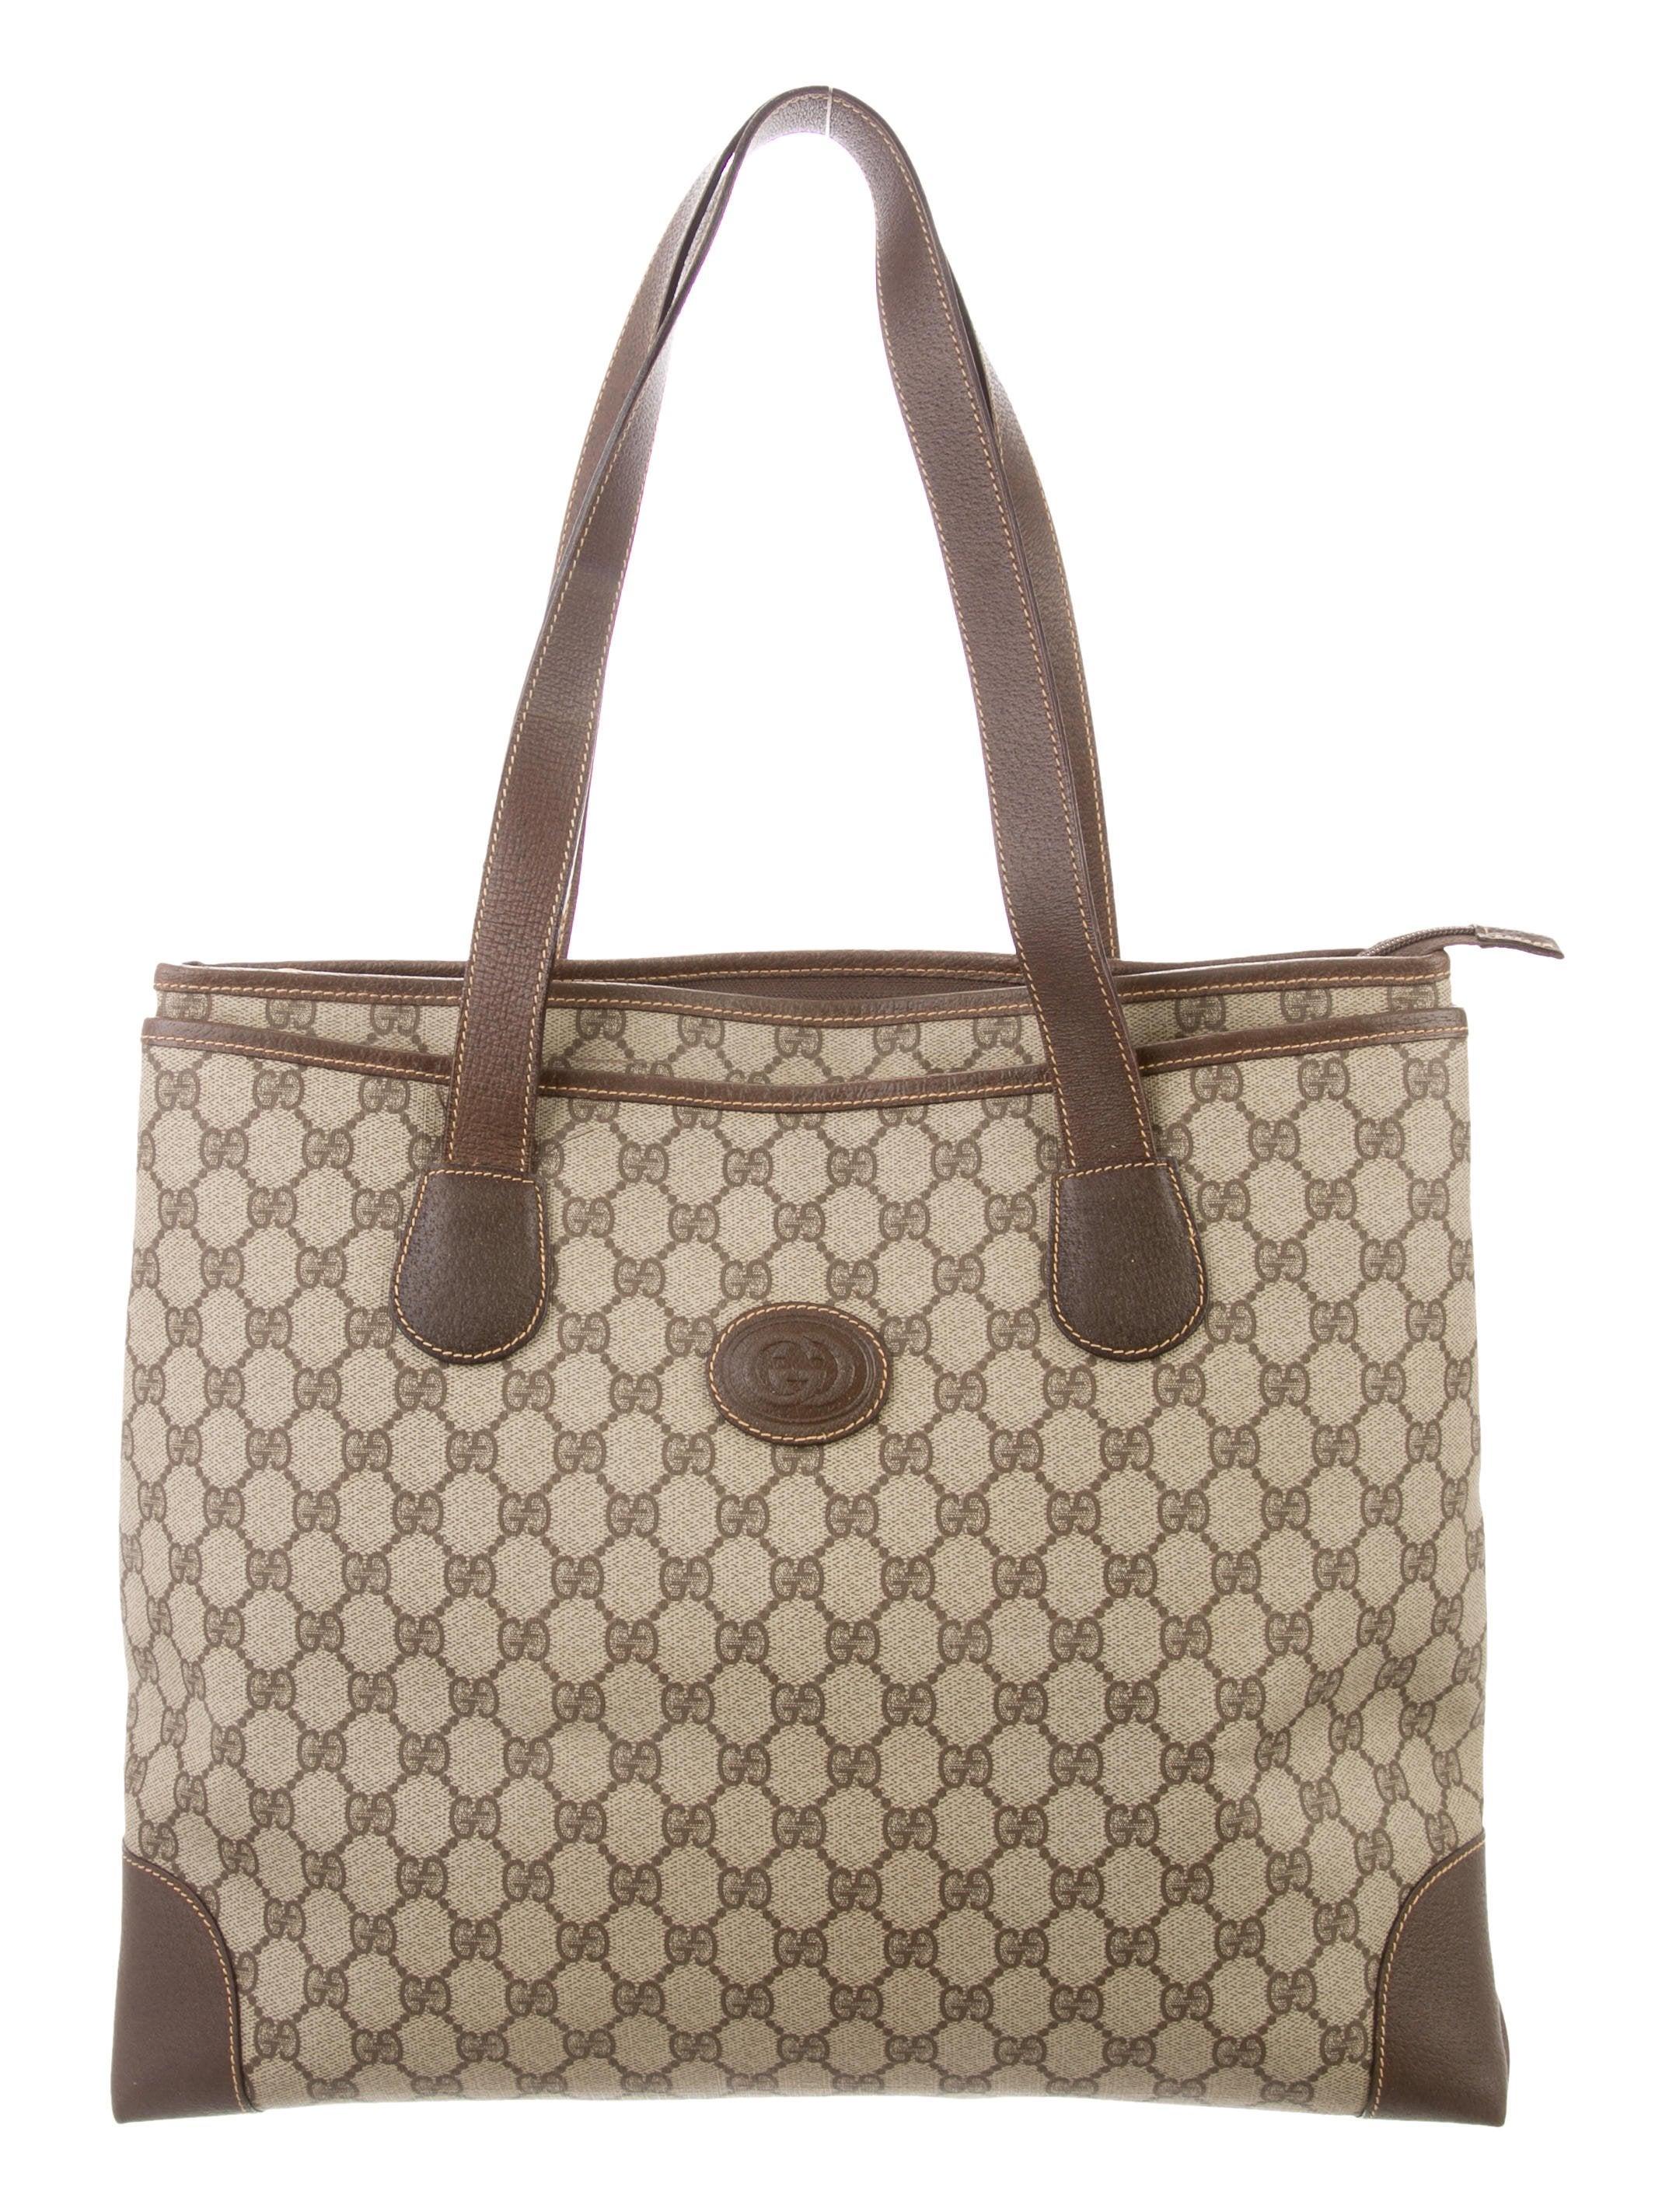 56b2a299cd68 Gucci Handbags